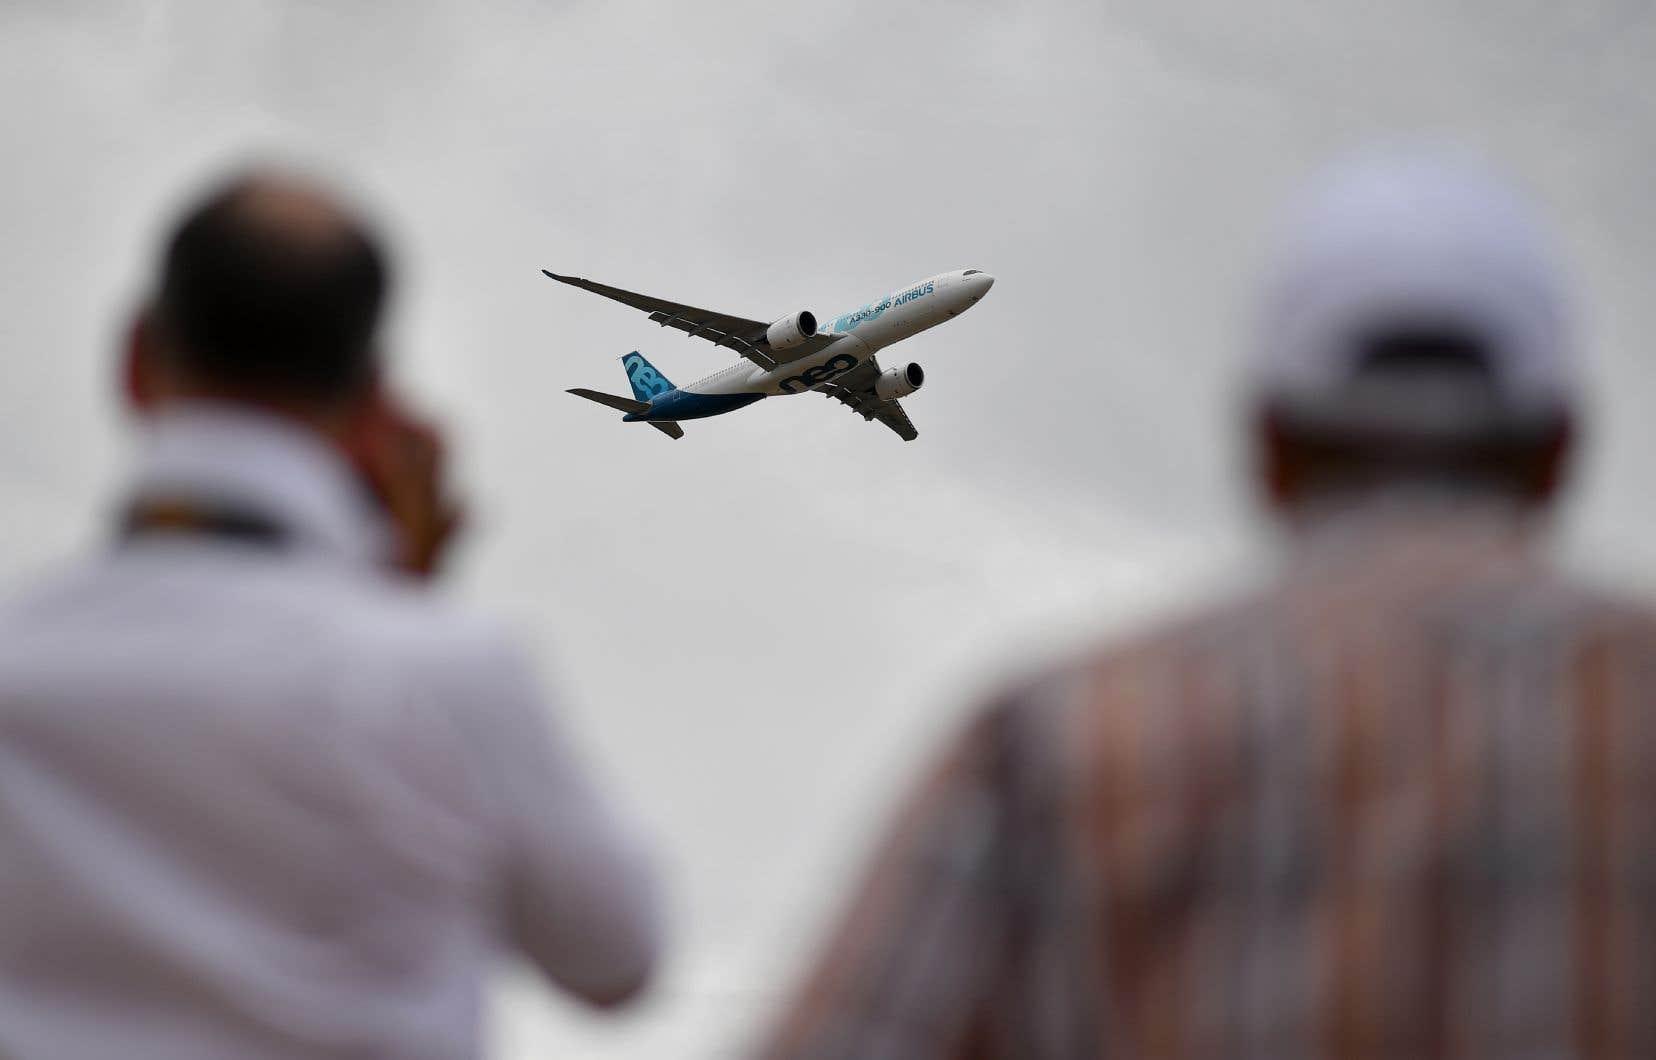 Les progrès technologiques ont permis de réduire les émissions de CO2 par siège de 80% depuis le premier avion à réaction.